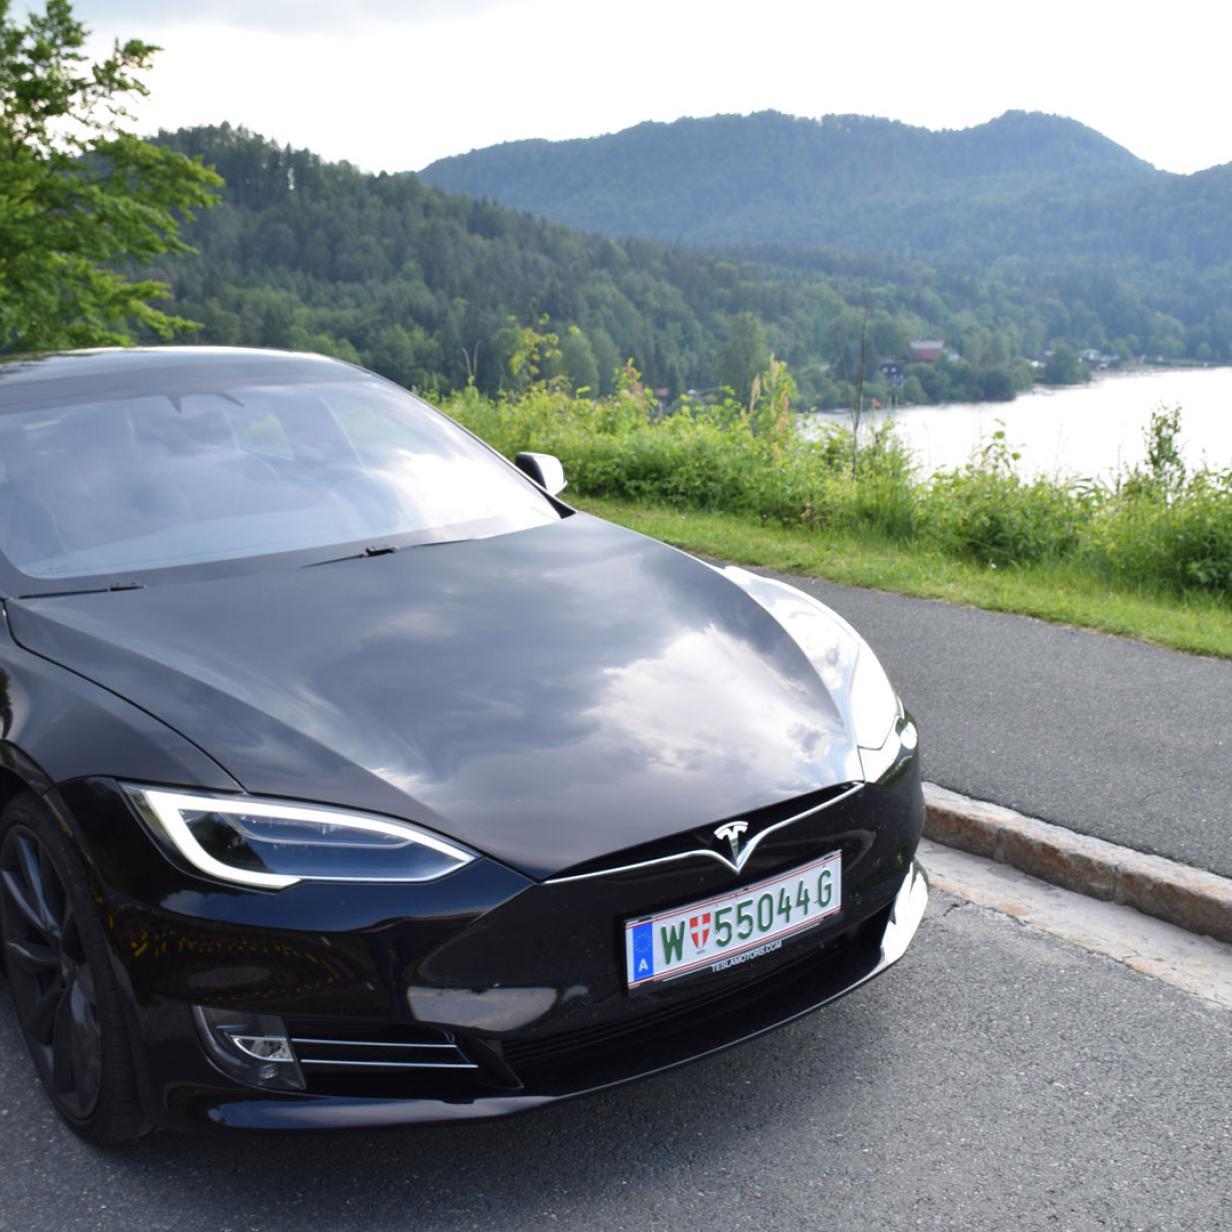 Neuer Rekord: Tesla Model S schlägt Porsche Taycan am Nürburgring